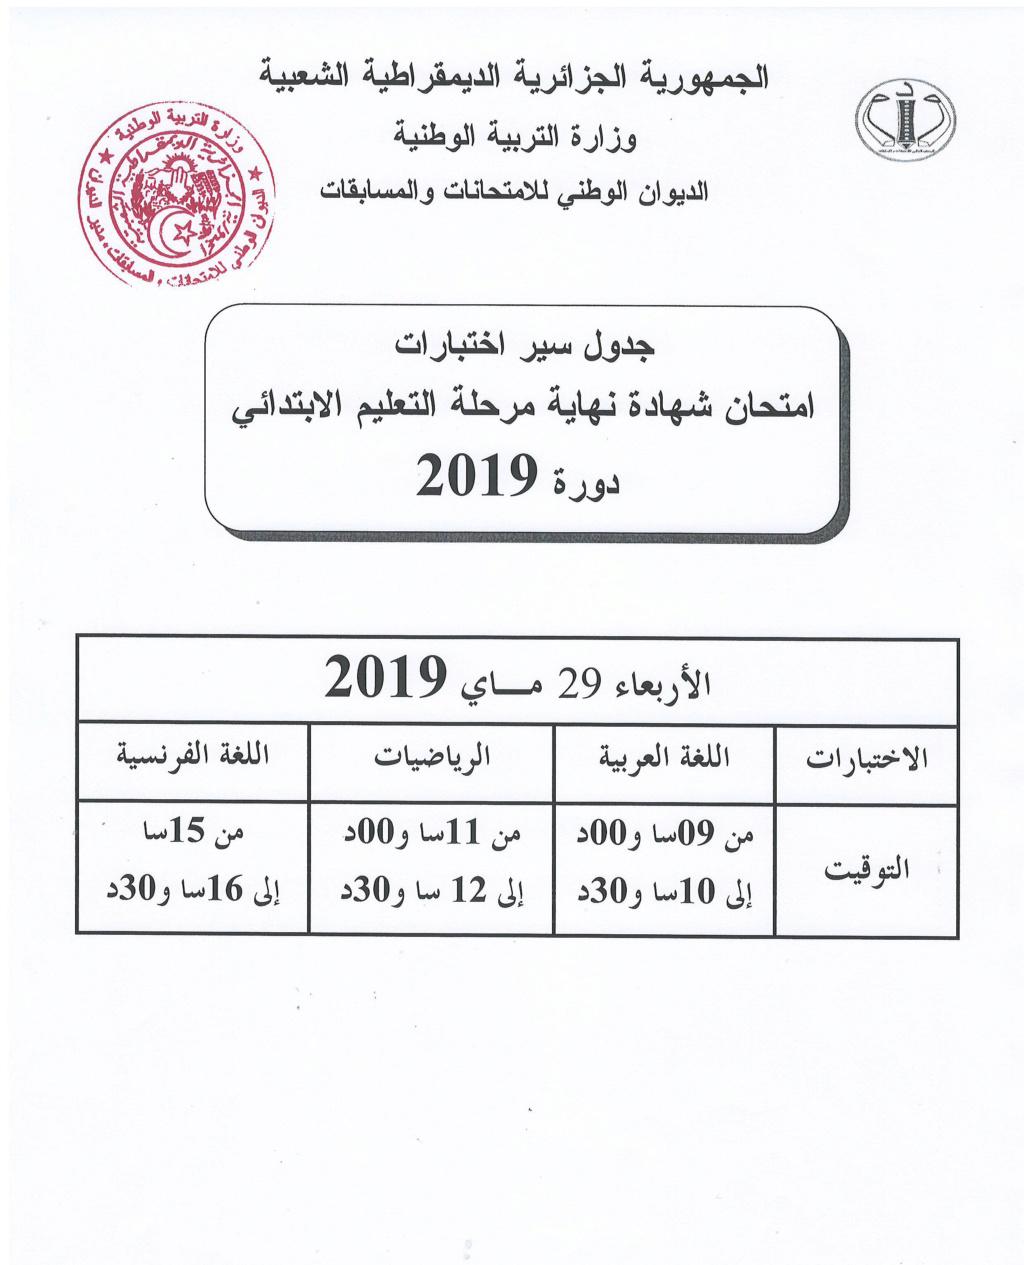 رزنامة سير الإمتحانات المدرسية الوطنية دورة 2019 للمراحل التعليمية الثلاث 5eme-210